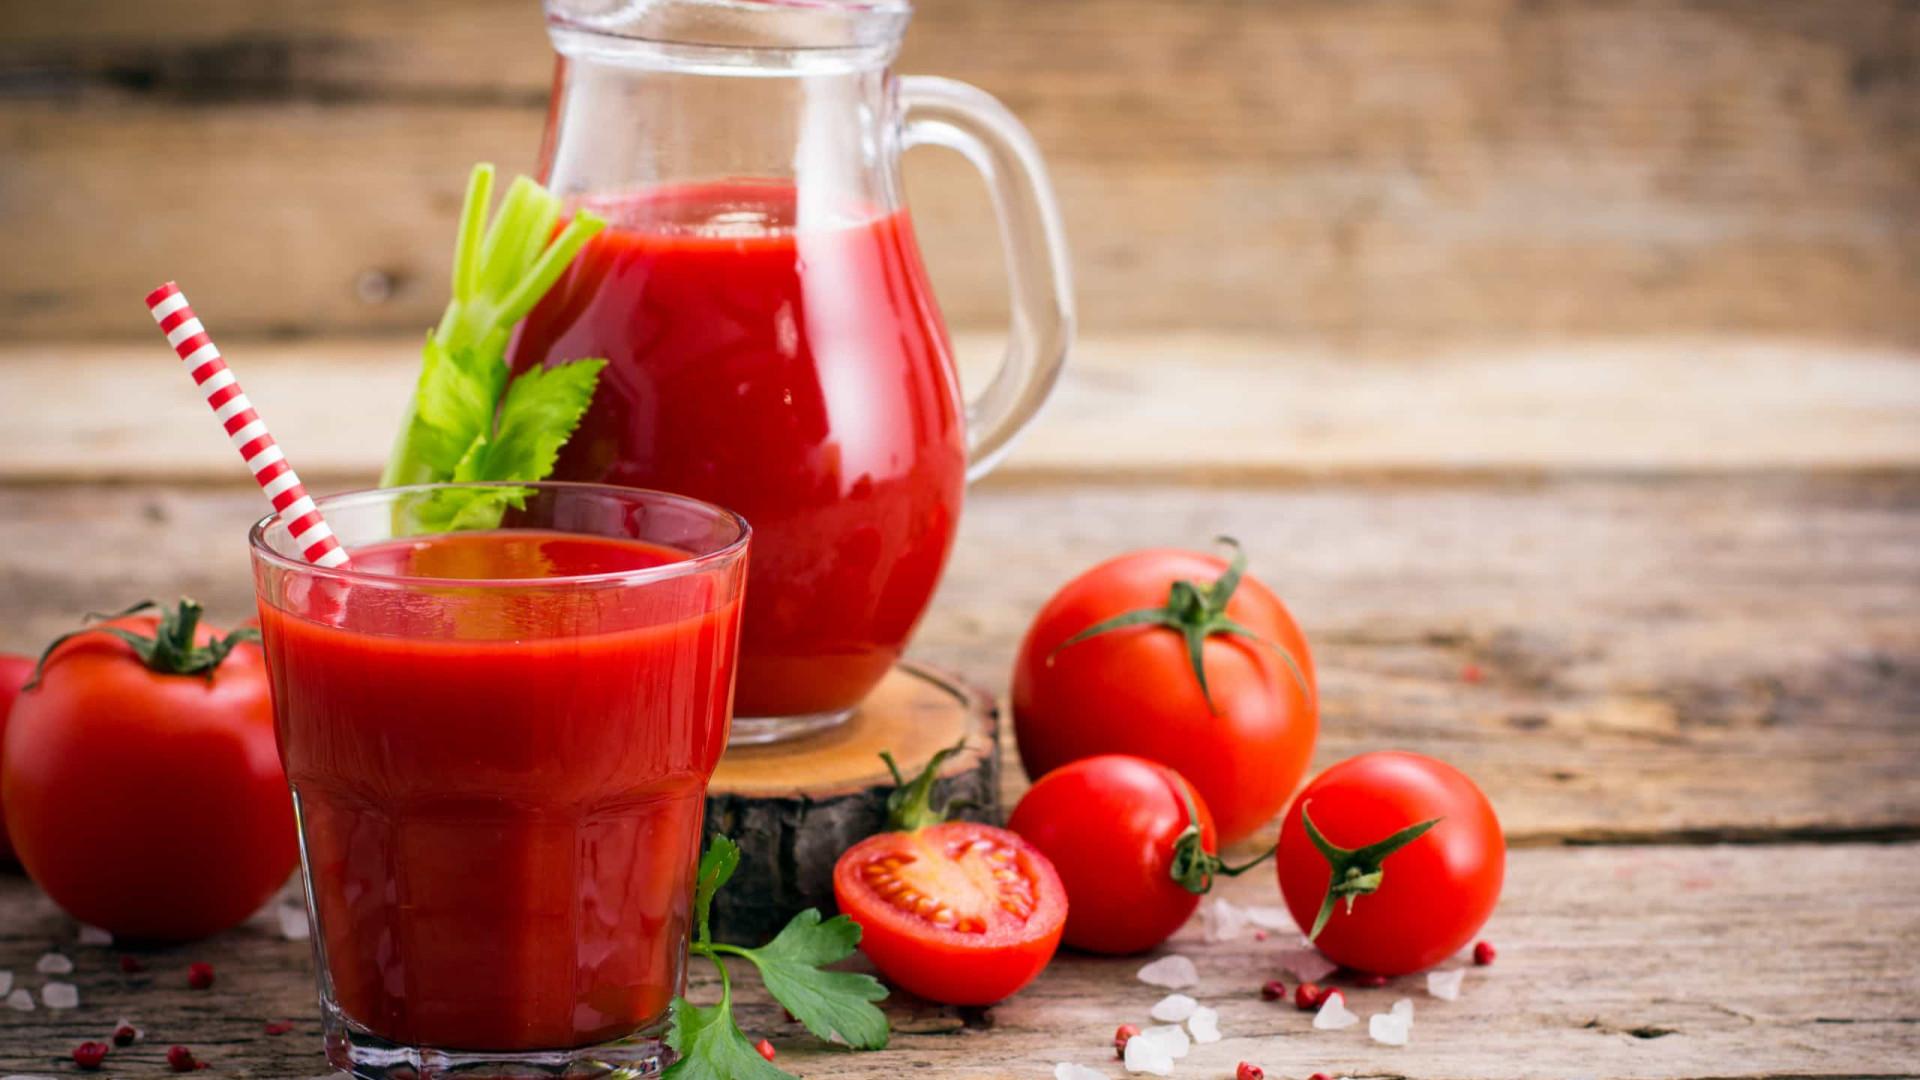 O poderoso suco detox de tomate que limpa o intestino e fígado